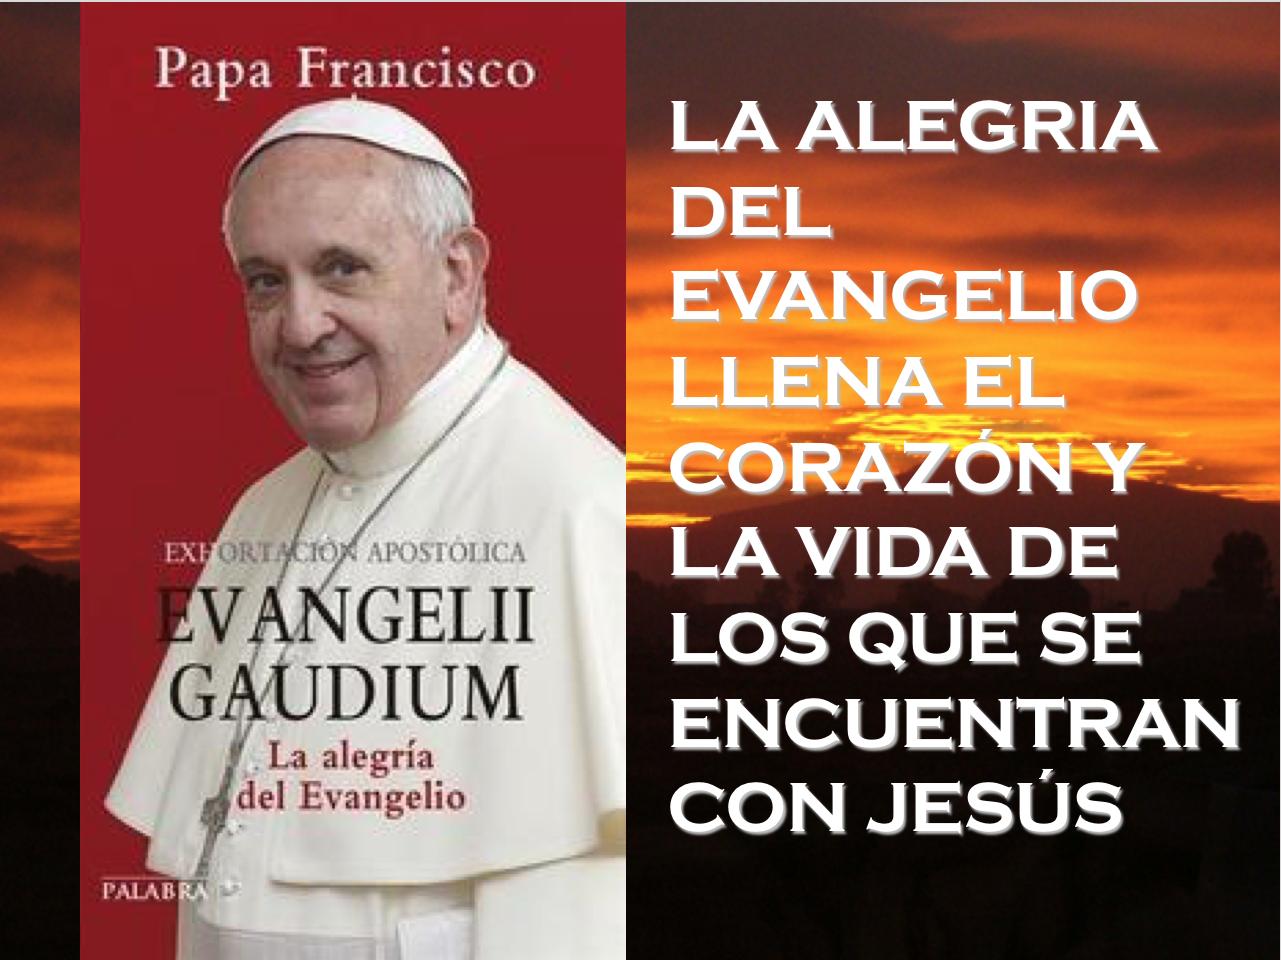 Evangelii Gaudium - José Manuel Urtasum